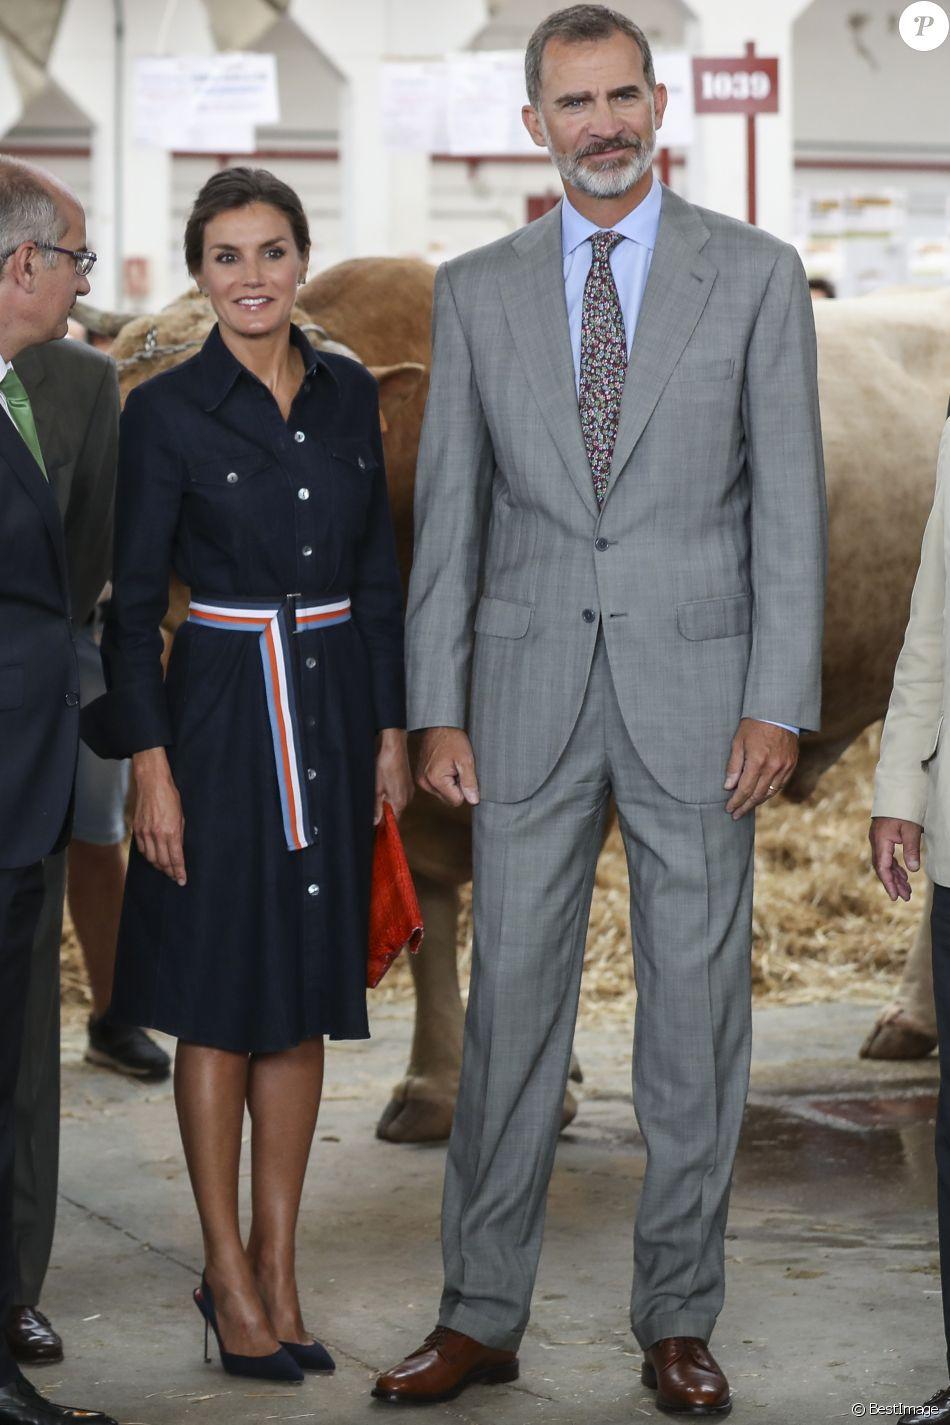 """Le roi Felipe VI et la reine Letizia d'Espagne inaugurent le salon """"Salamaq'18"""" à Salamanque en Espagne le 5 septembre 2018."""